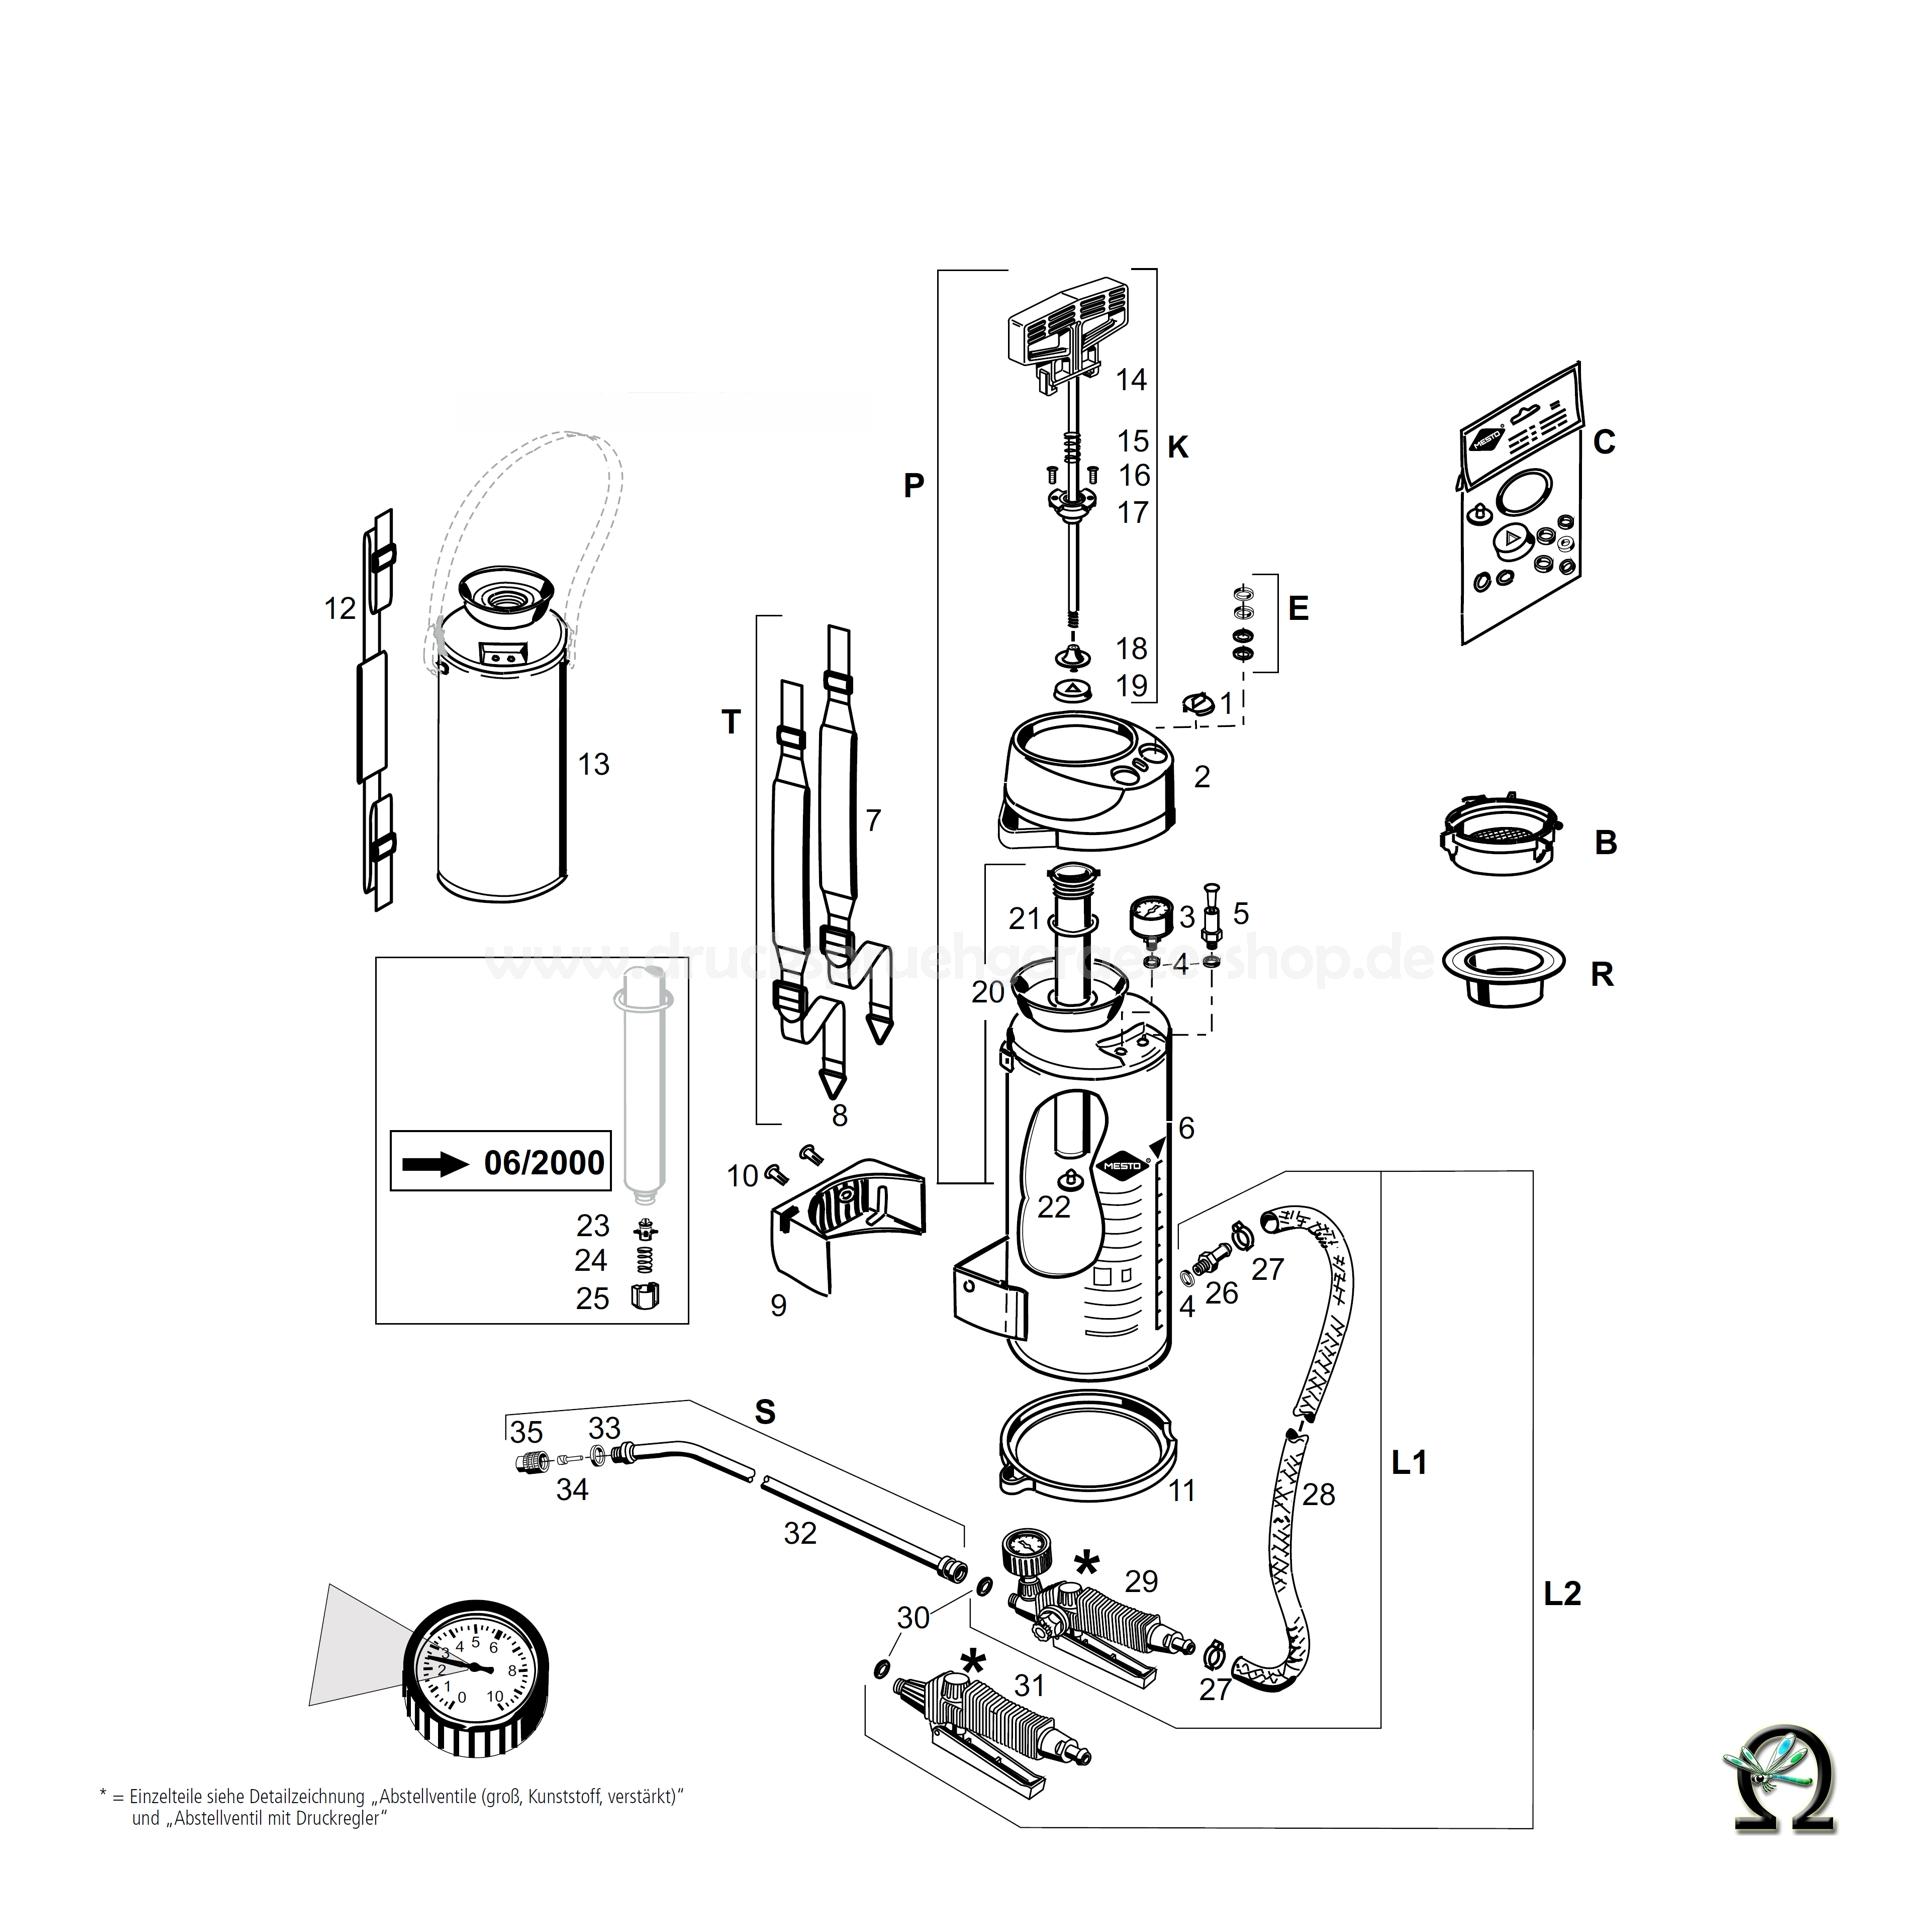 MESTO Hochdrucksprühgerät 3560 FERRUM - 5 Liter, Zeichnung der Einzelteile